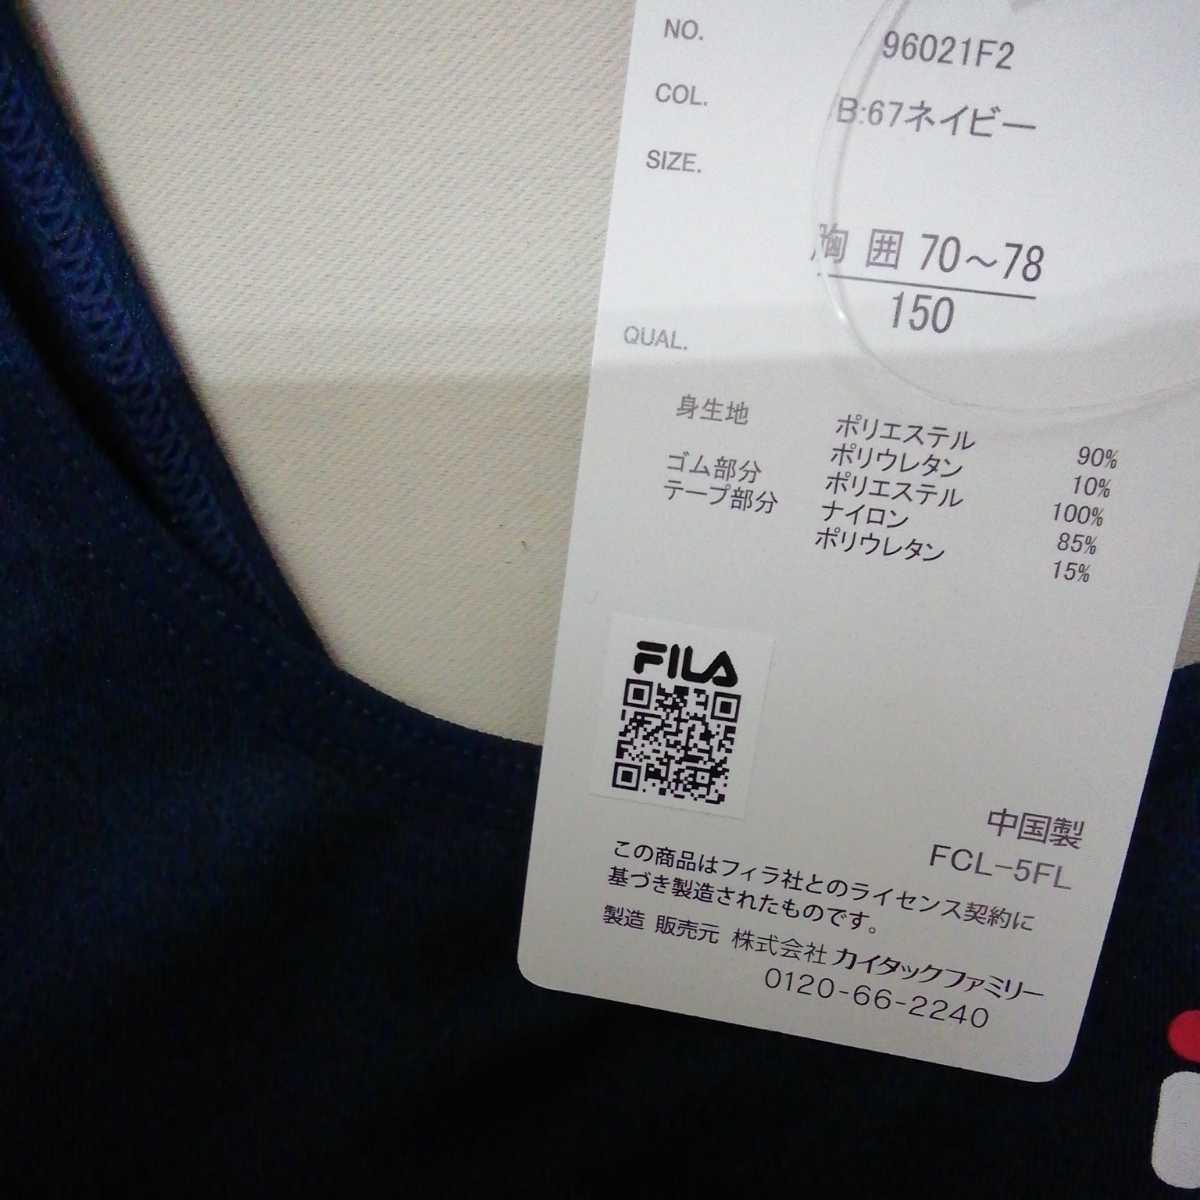 新品 タグ付き FILA スポーツ ブラ (ハーフトップ?ブラトップ?) 150サイズ